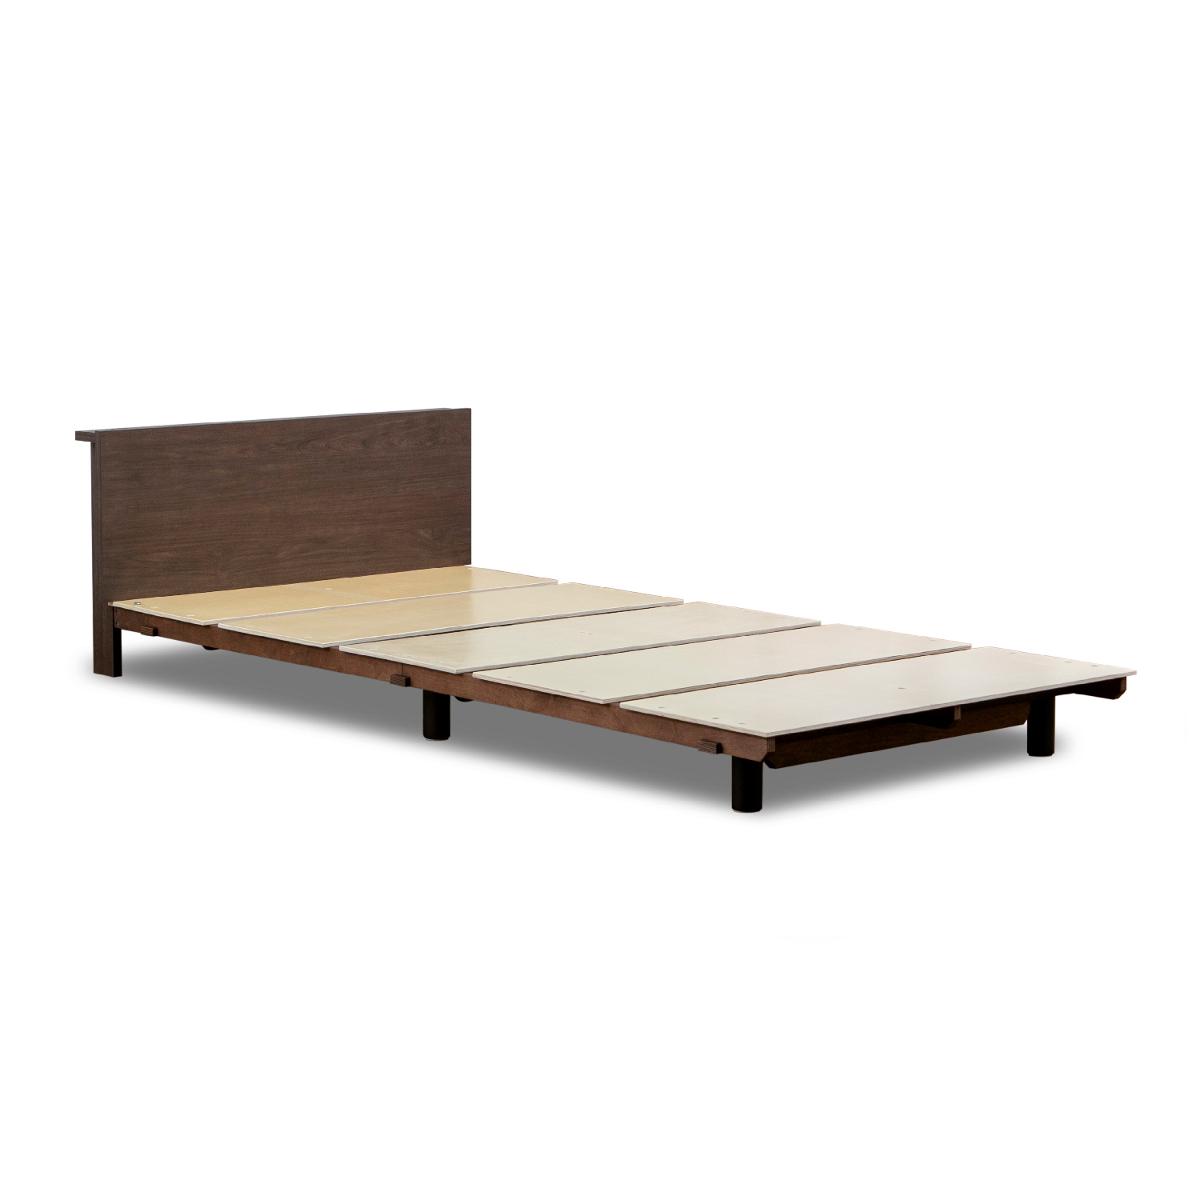 【フランスベッド】コンパクトワンOP-11 ベッドフレーム